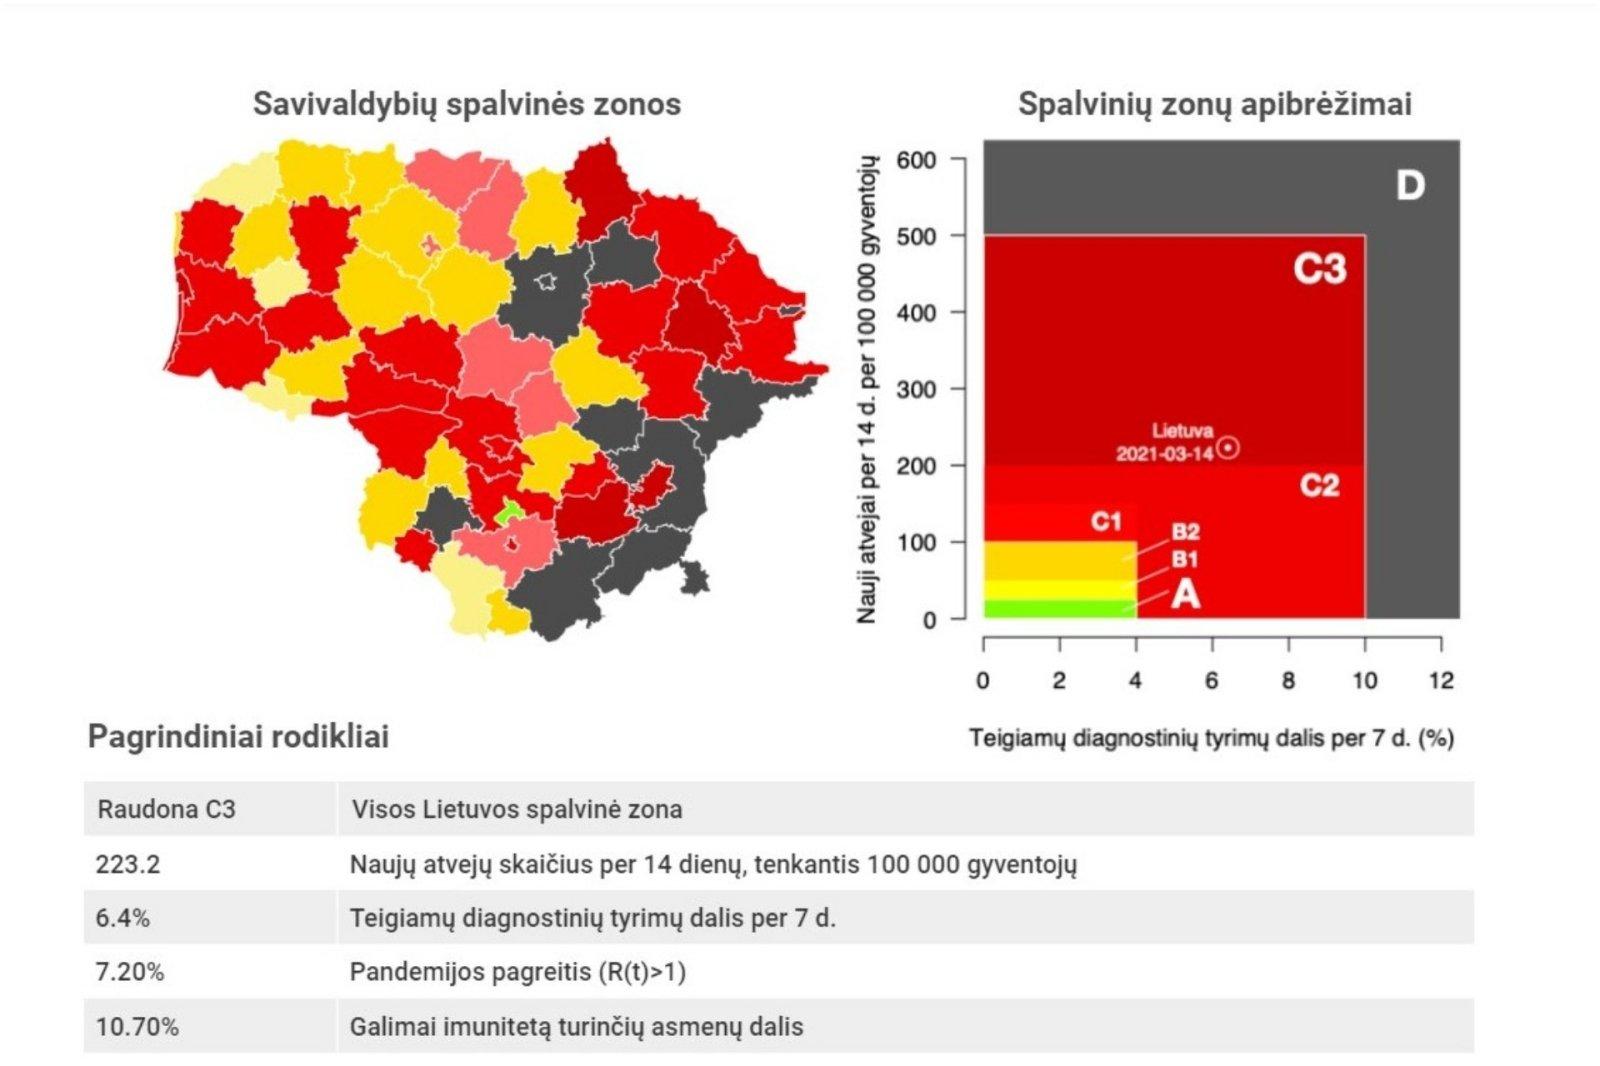 Judėjimo ribojimai kai kuriose savivaldybėse